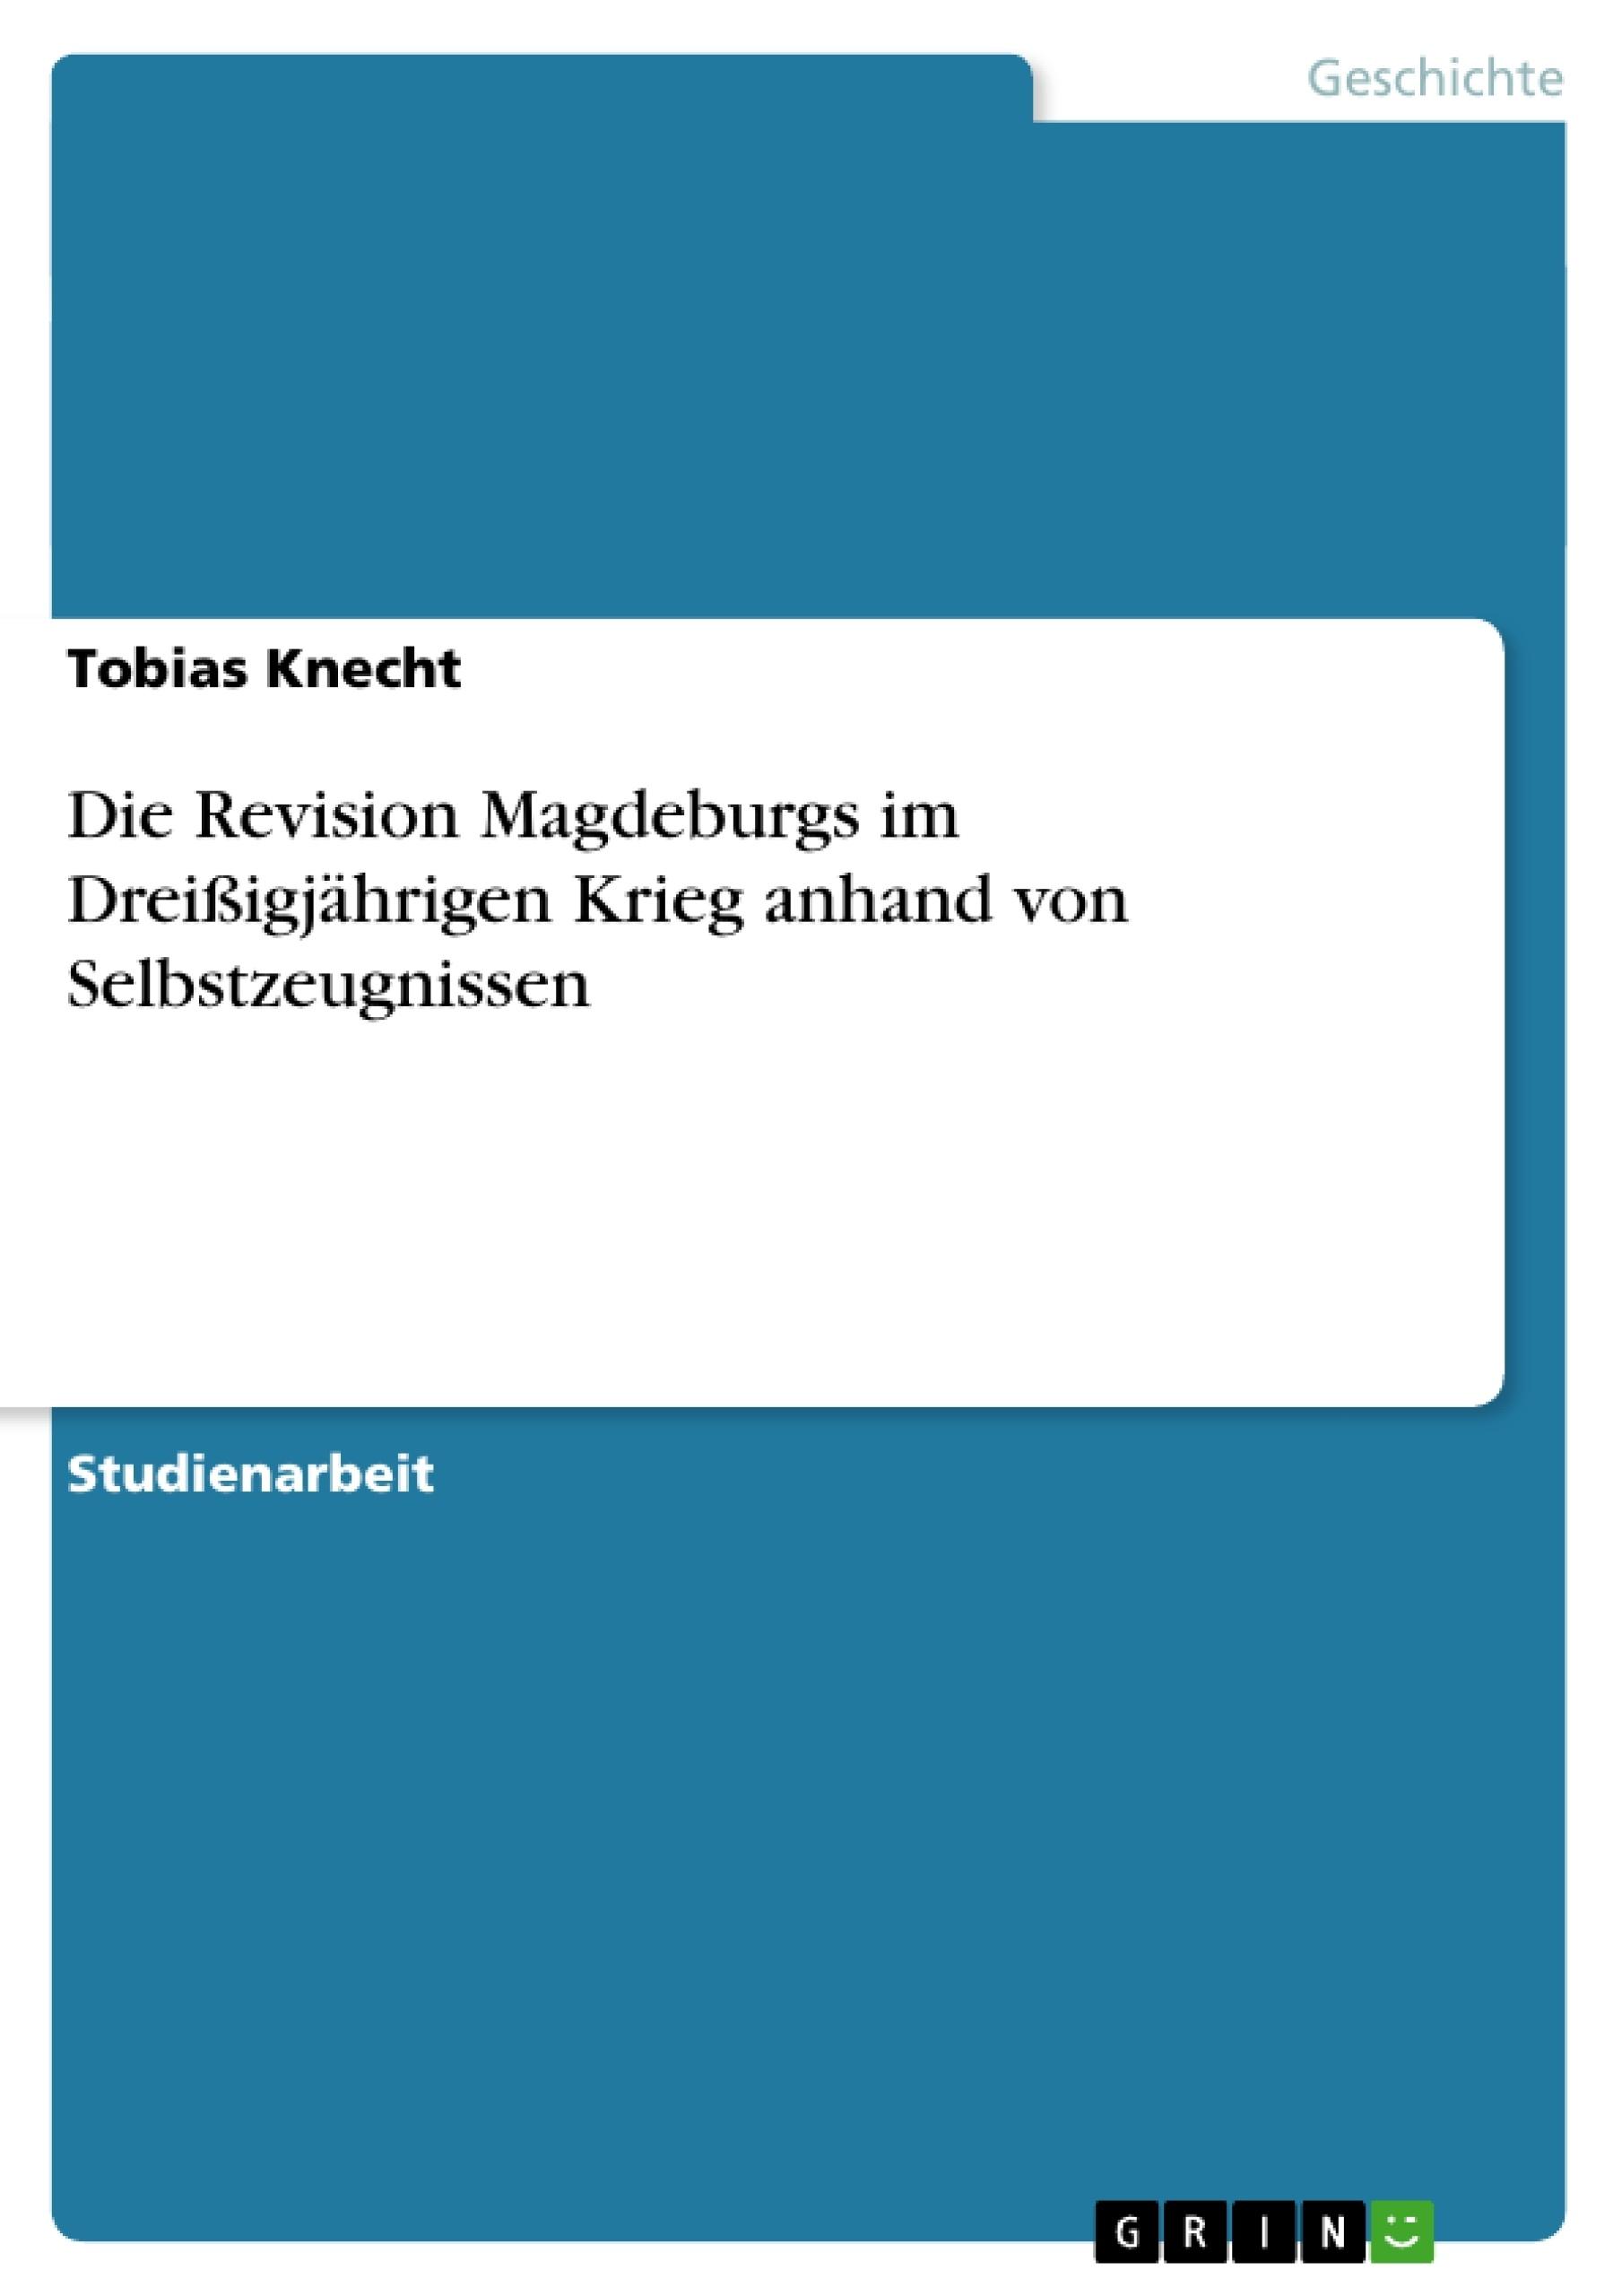 Titel: Die Revision Magdeburgs im Dreißigjährigen Krieg anhand von Selbstzeugnissen